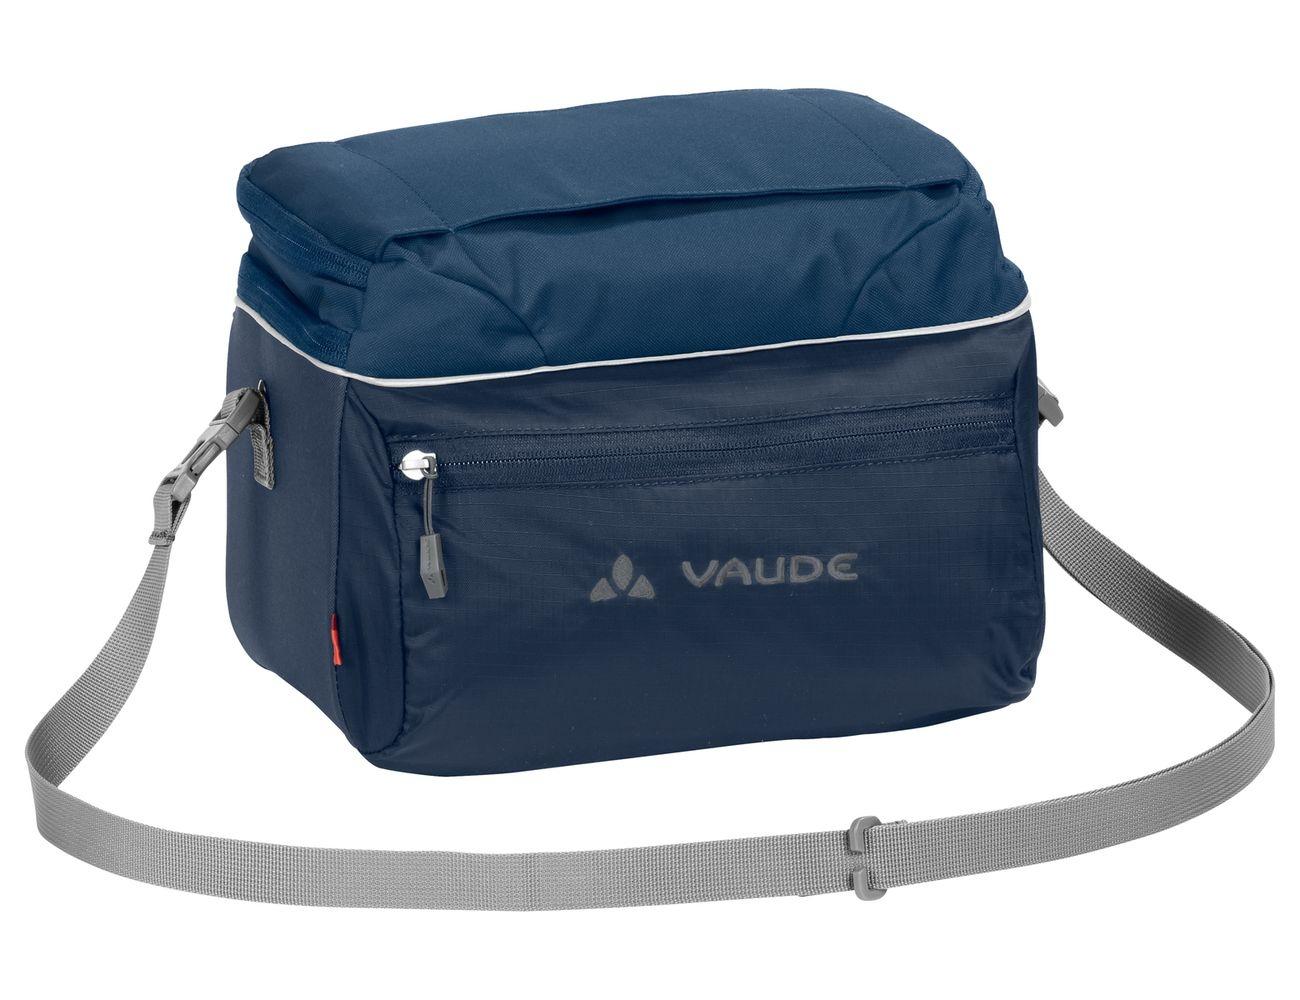 Sacoche de guidon Vaude Road II 8 L + support KLICKfix Bleu Marine